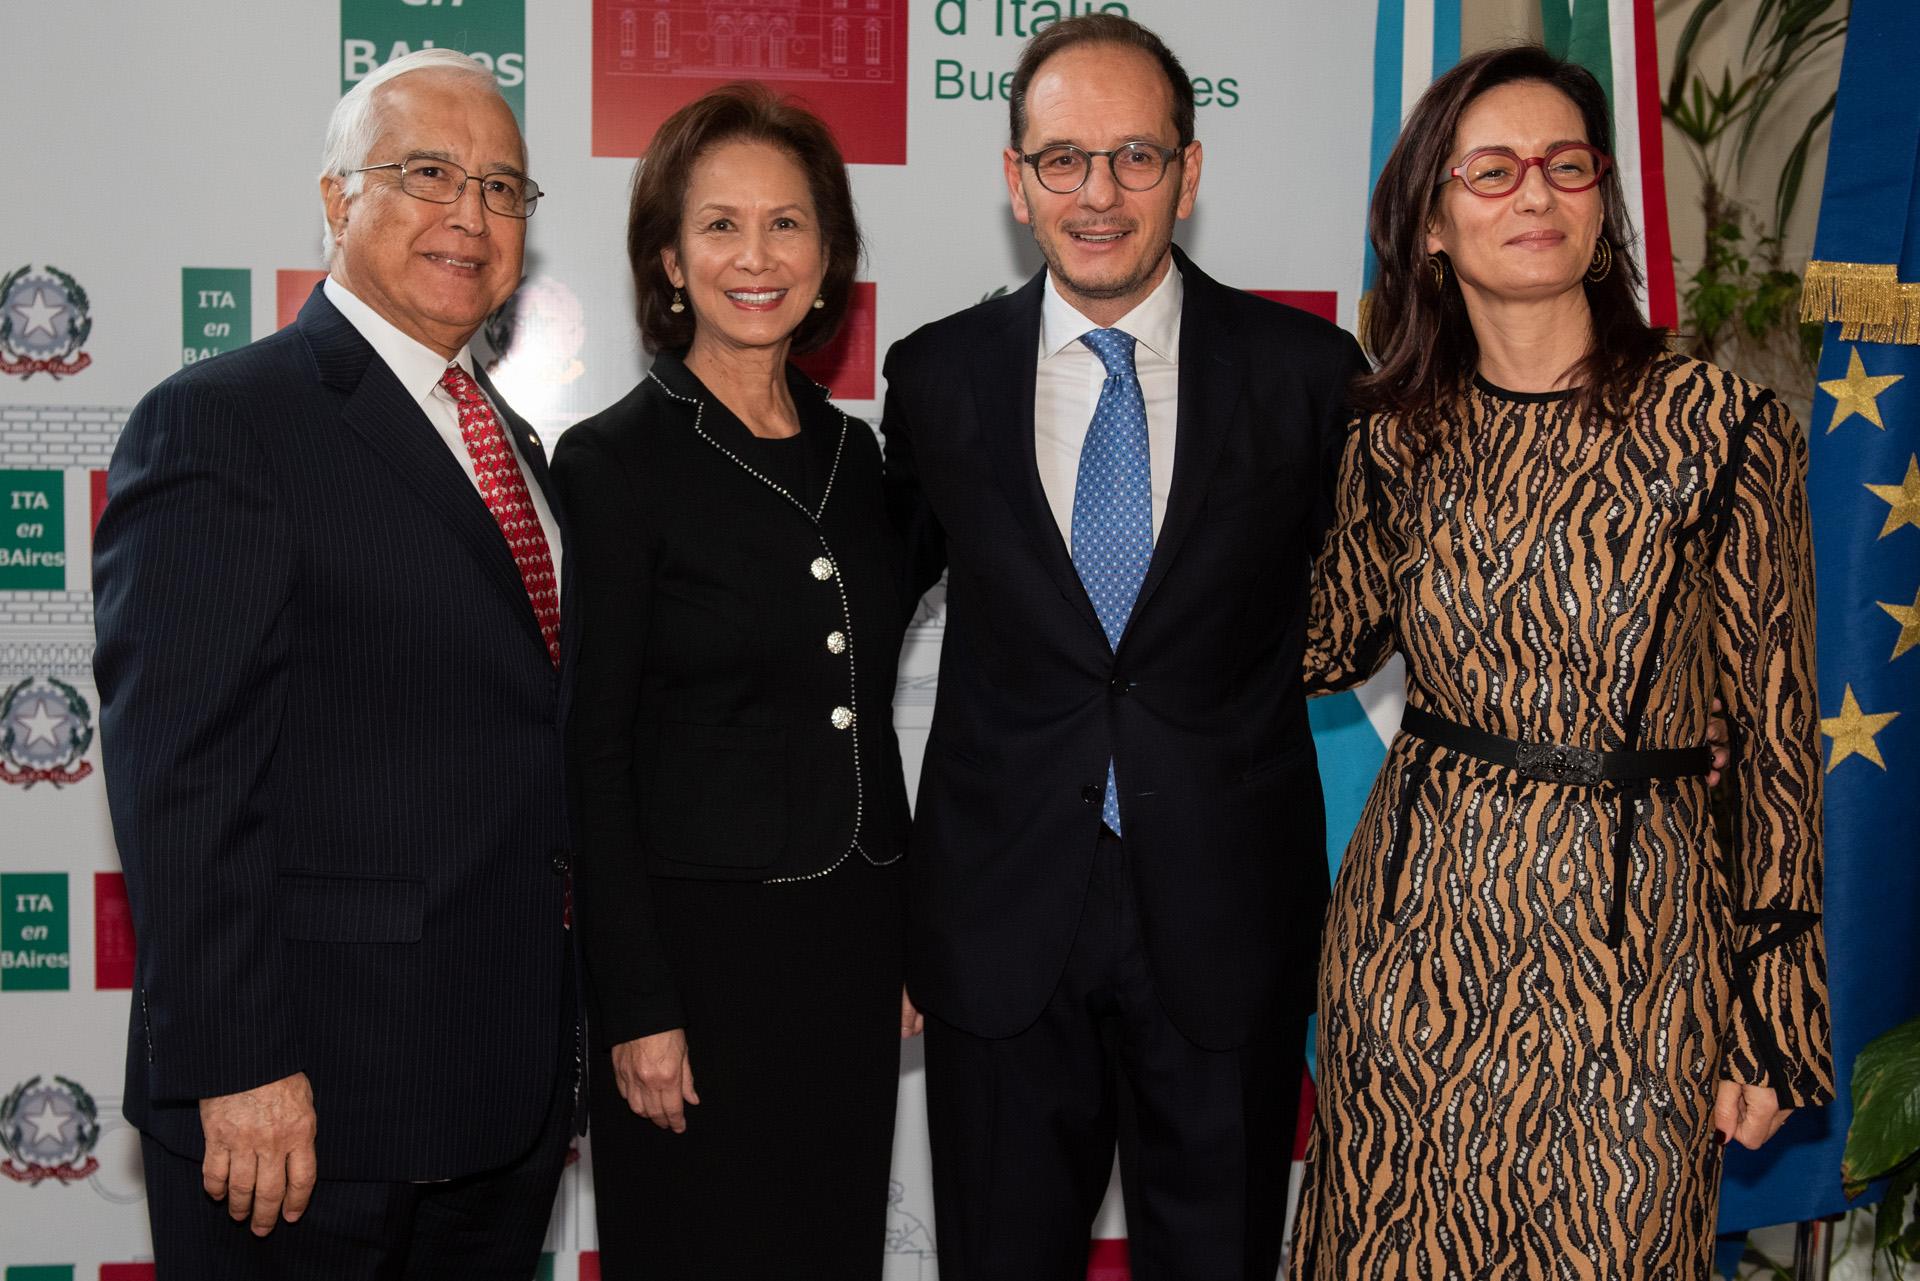 El embajador de los Estados Unidos en la Argentina, Edward Prado, y su mujer María junto a los embajadores italianos